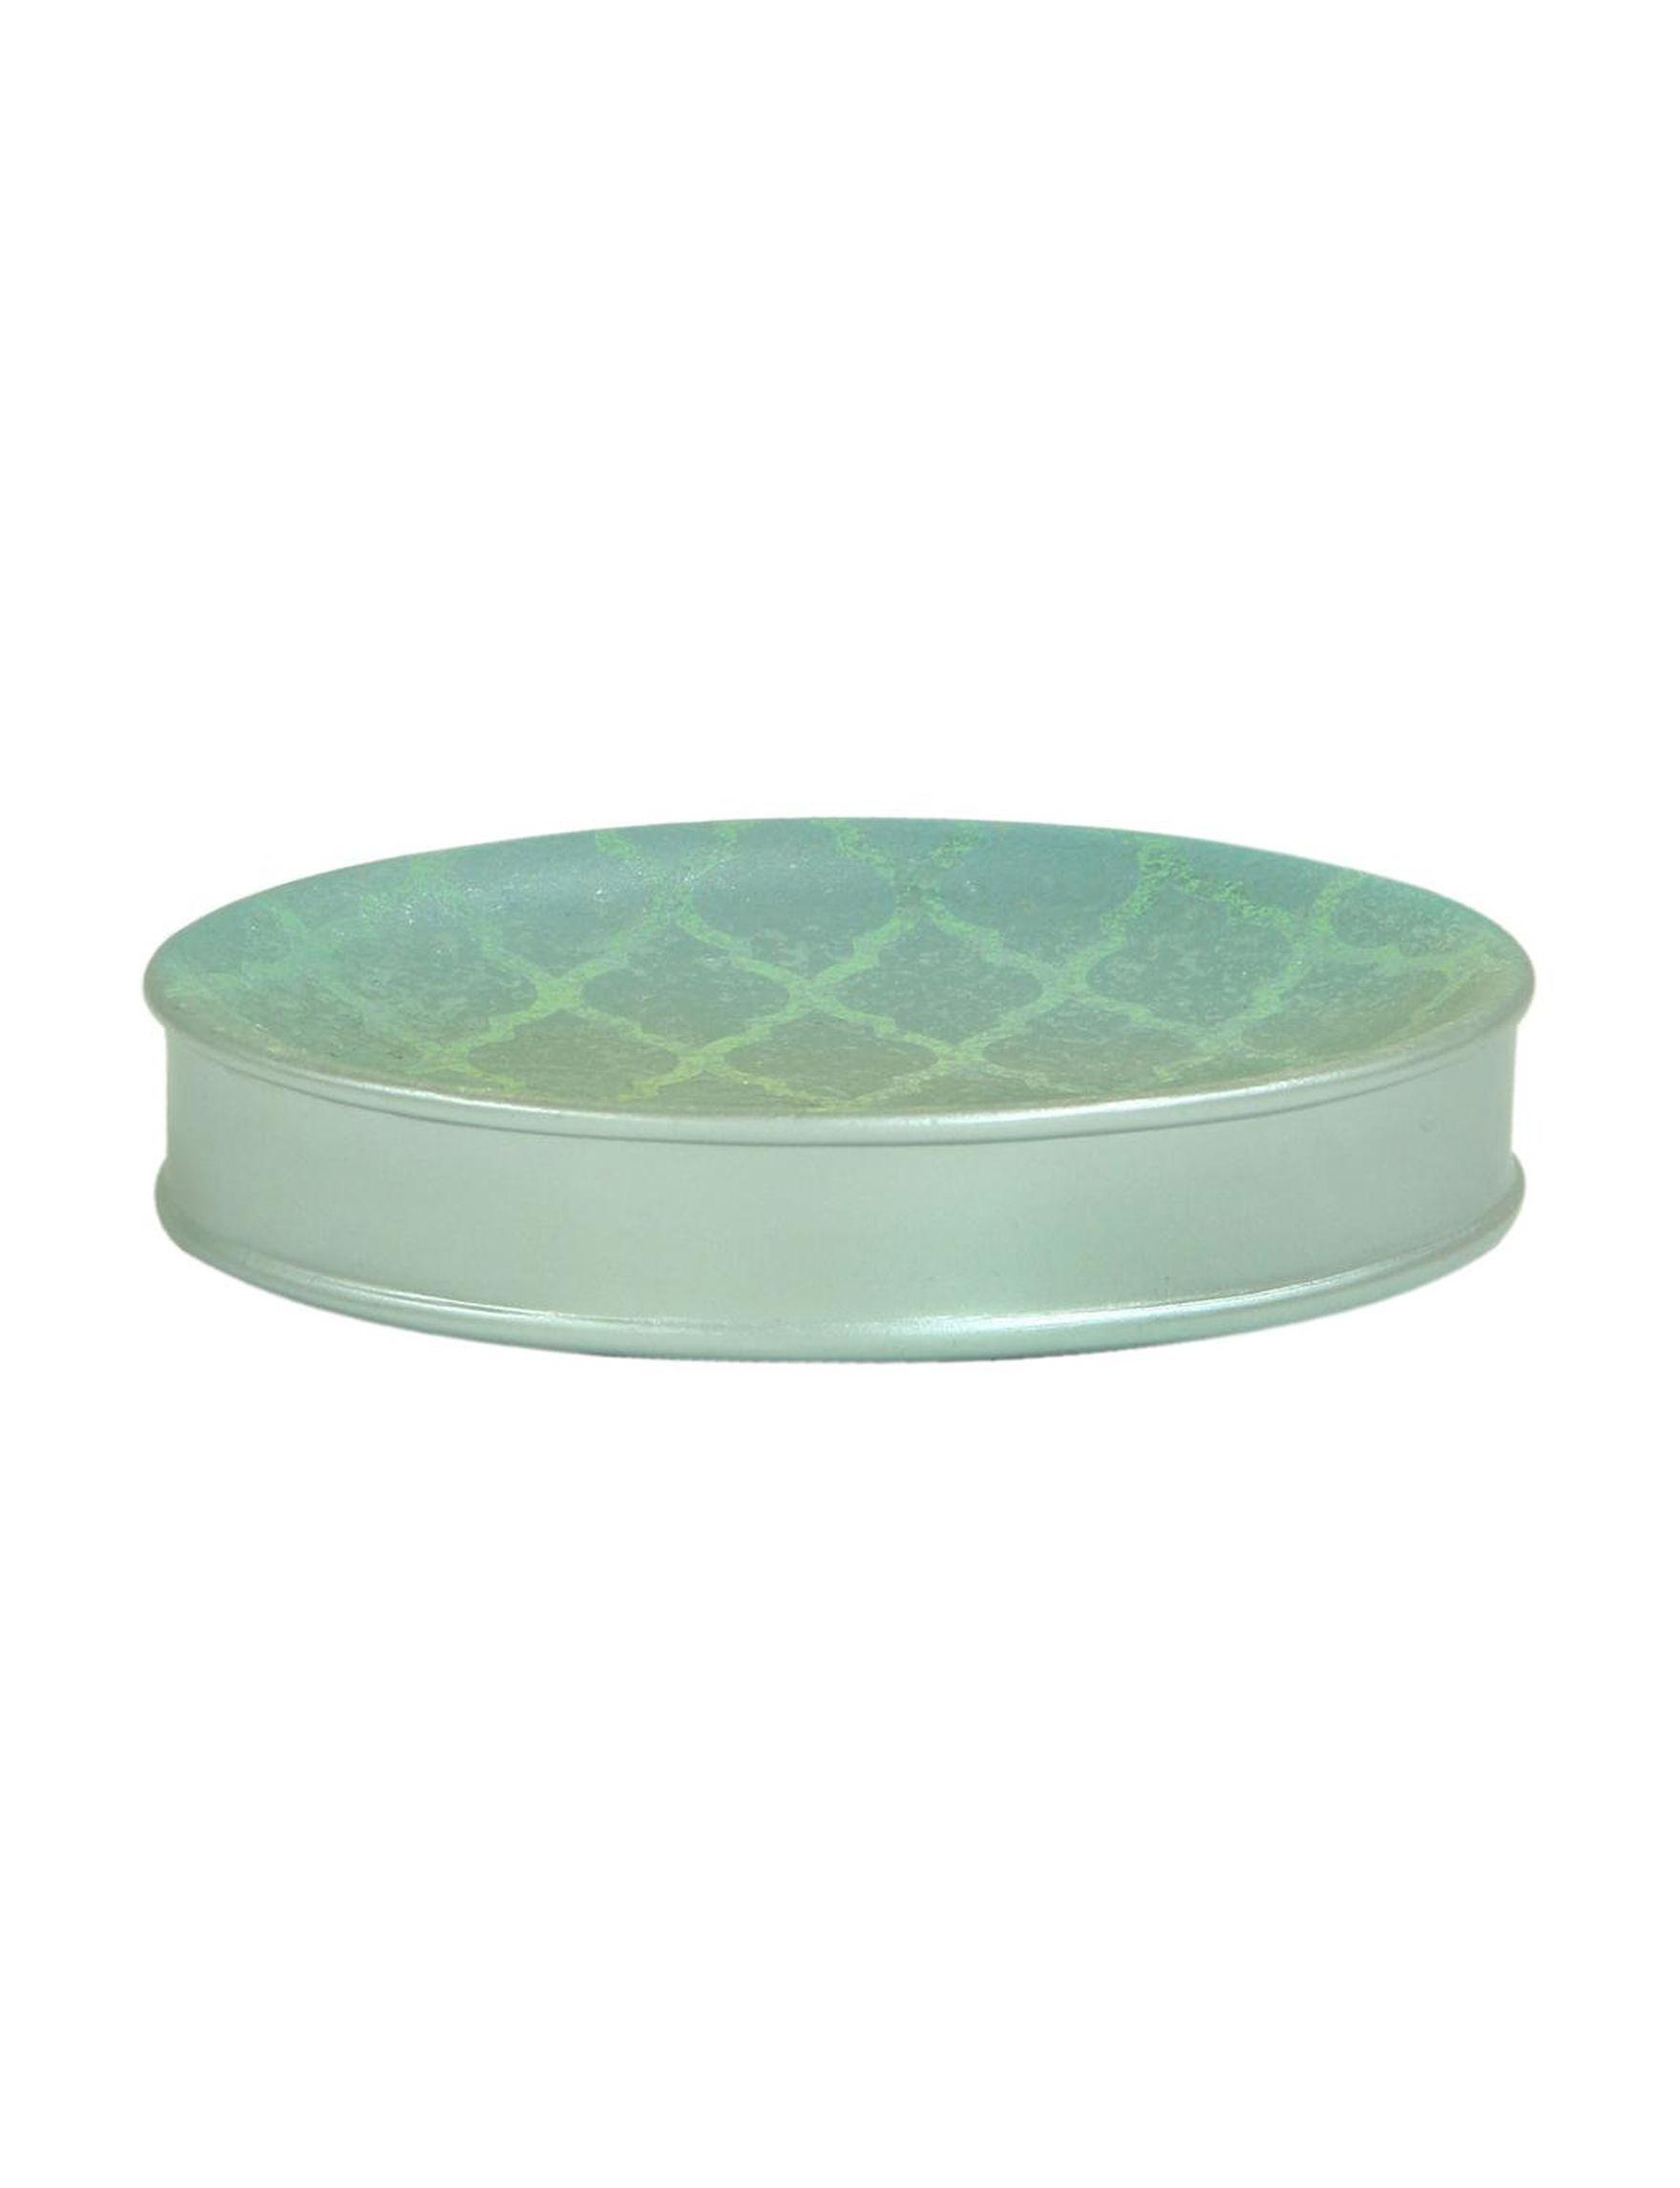 Bacova Guild Blue Soap Dishes Bath Accessories